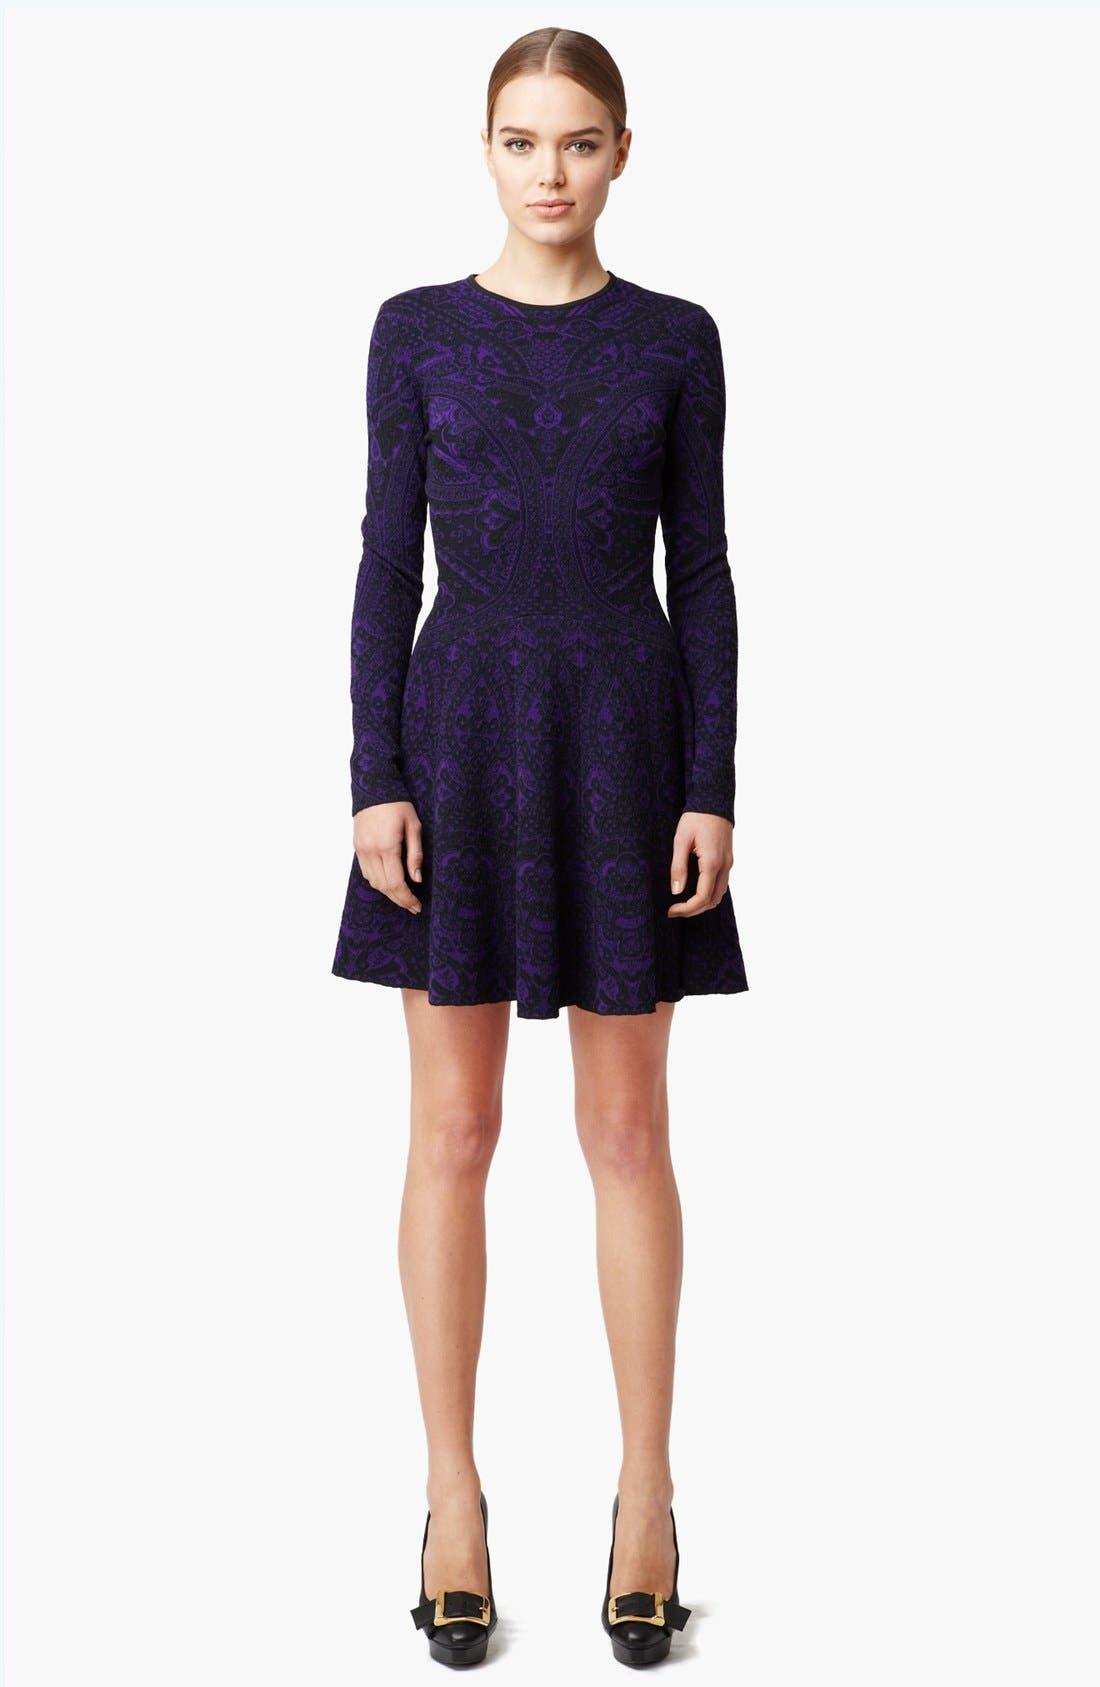 Alternate Image 1 Selected - Alexander McQueen Full Skirt Intarsia Knit Dress